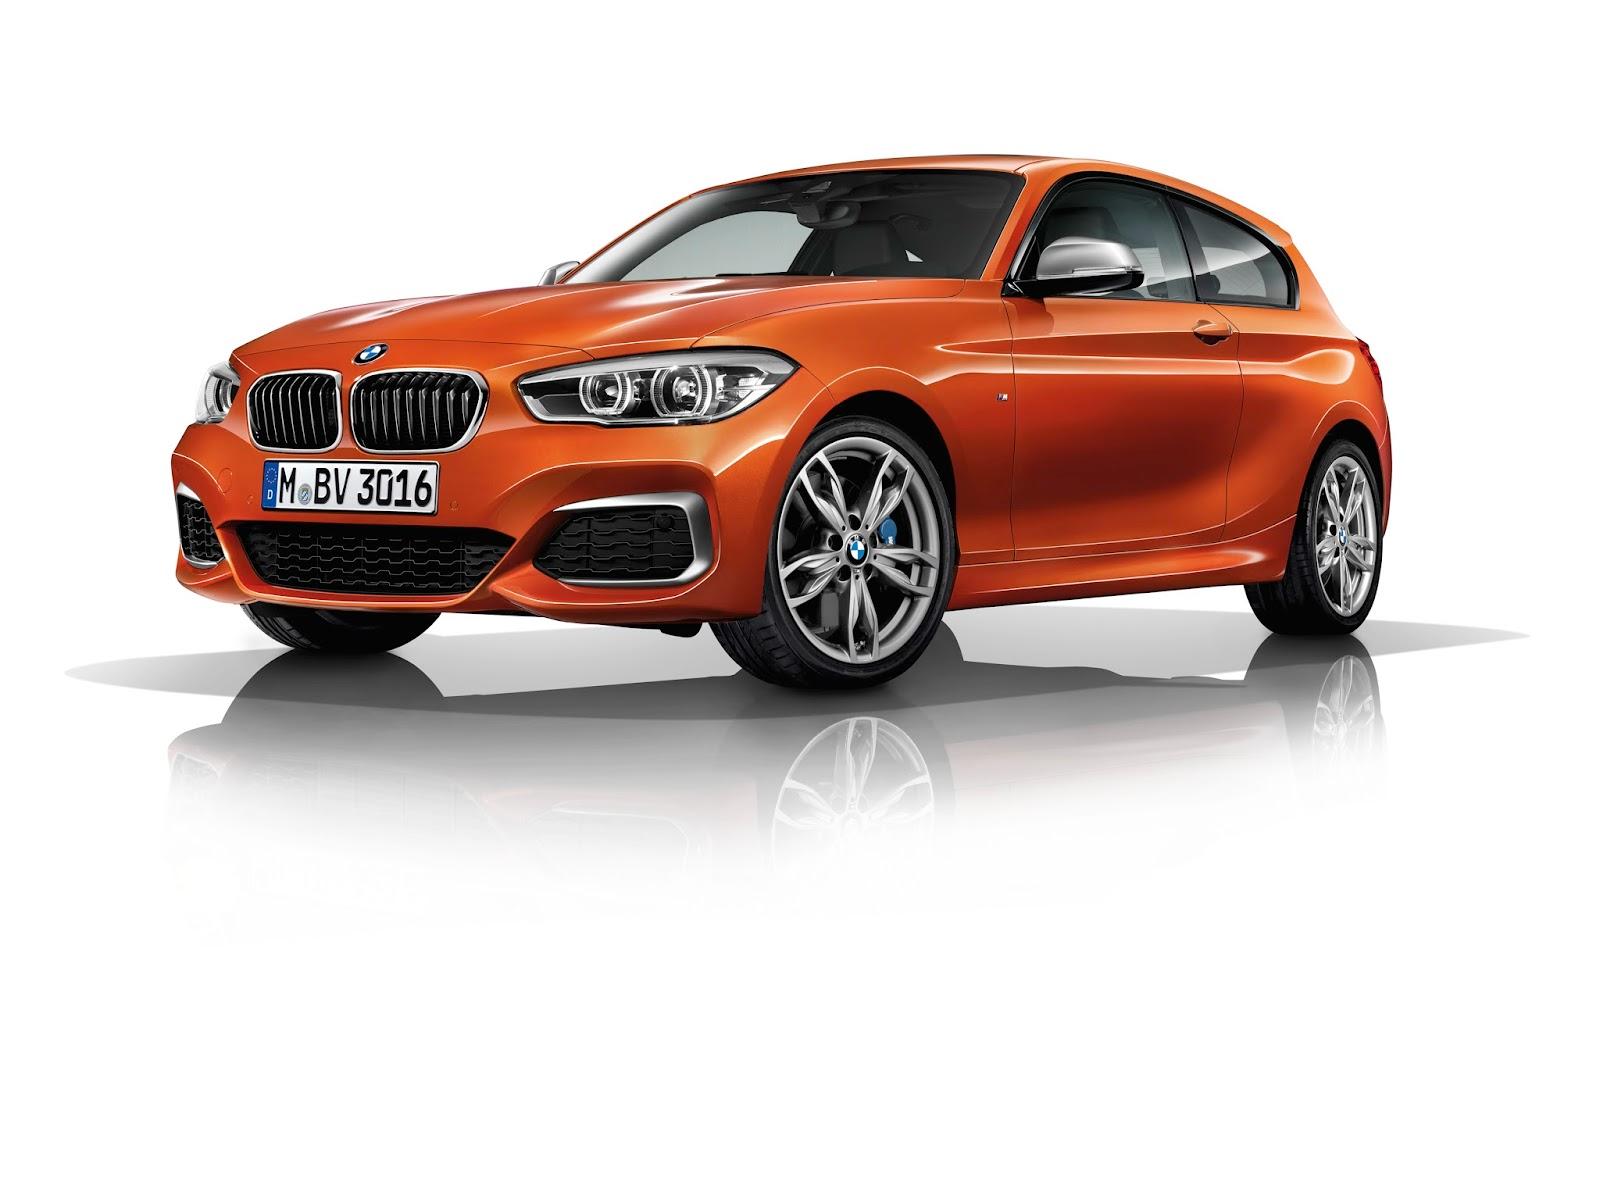 P90219024 highRes bmw m140i 340 άλογα και τετρακίνηση στη Σειρά 1 της BMW! BMW, Bmw 2, BMW M, BMW M Performance, BMW M1, BMW M140i, BMW M2 Coupé, BMW M240i Cabrio, BMW M240i Coupe, Engine, zblog, ΒΜW 1